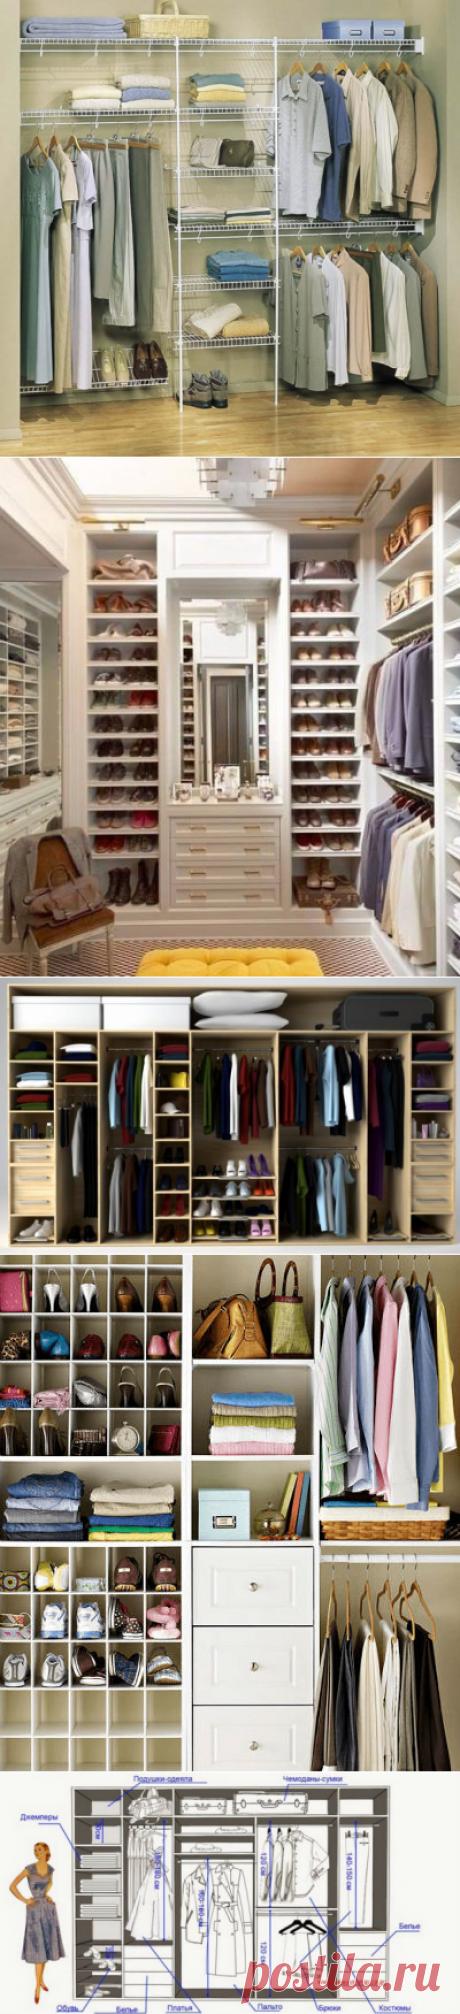 Самый удобный шкаф для вашей семьи. Как спроектировать? | Сияние Жизни